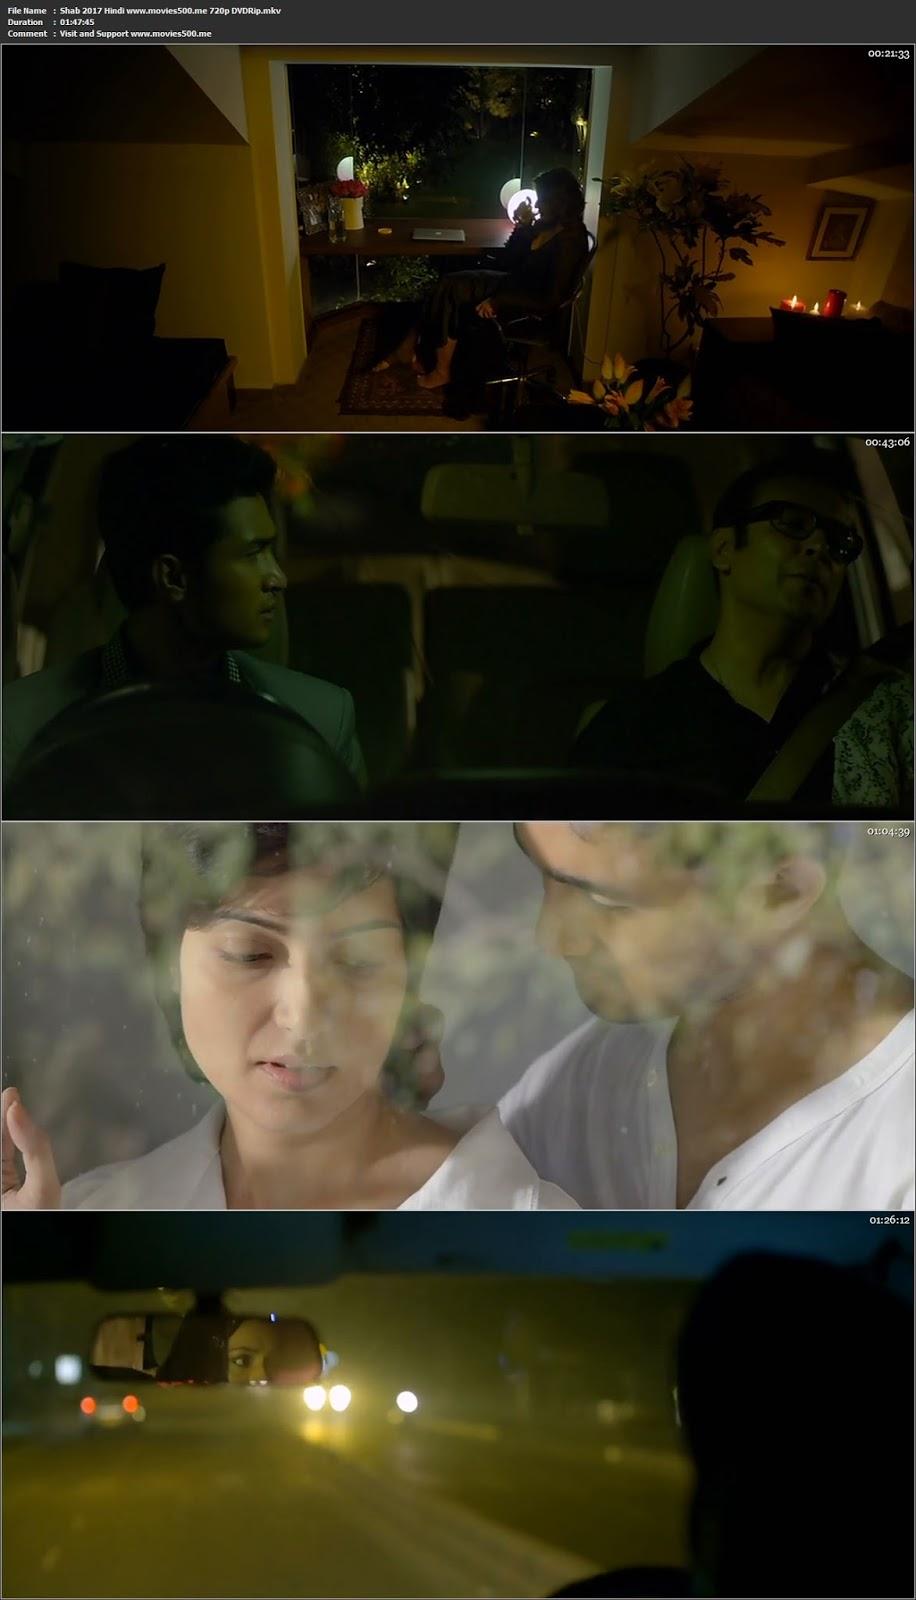 Shab 2017 Hindi Full Movie 800MB DVDRip 720p at movies500.me